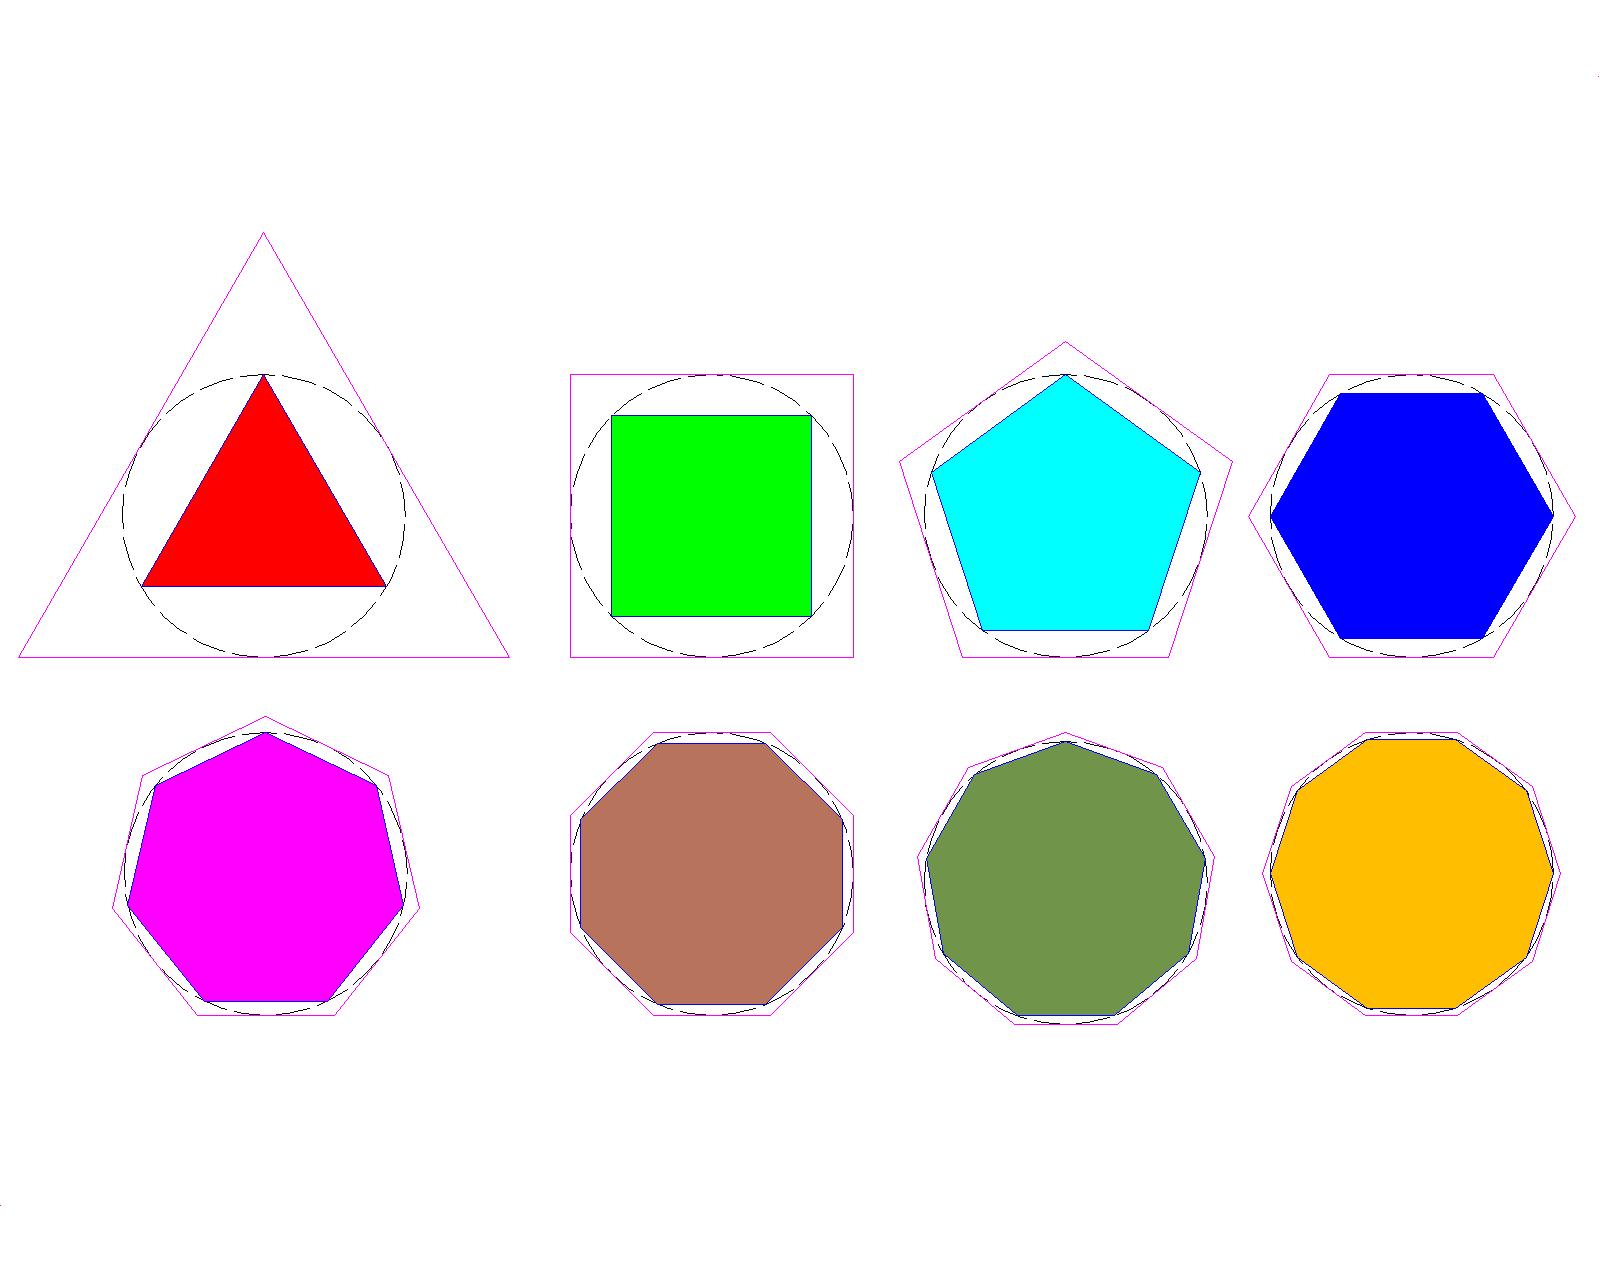 دانلود پاورپوینت فصل 3 سه چندضلعی ها - ریاضی پایه هشتم